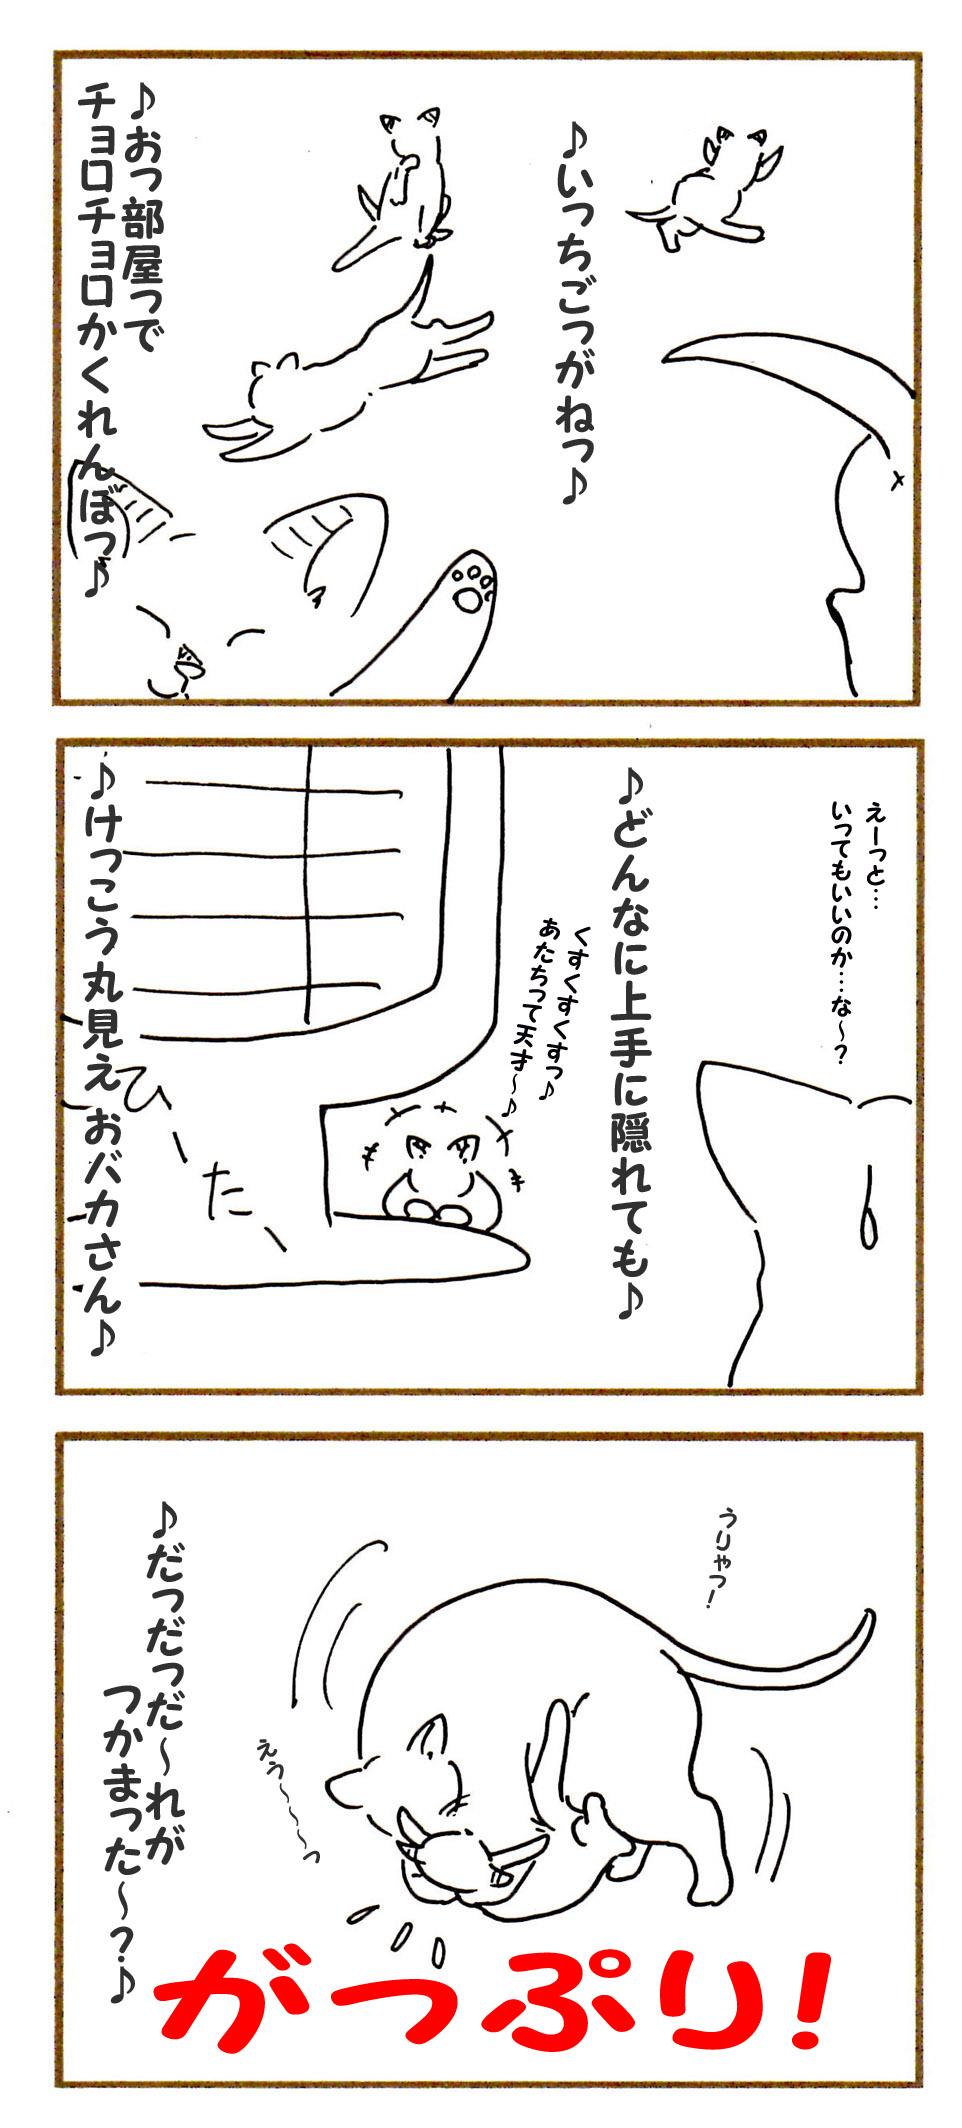 101201-1.jpg